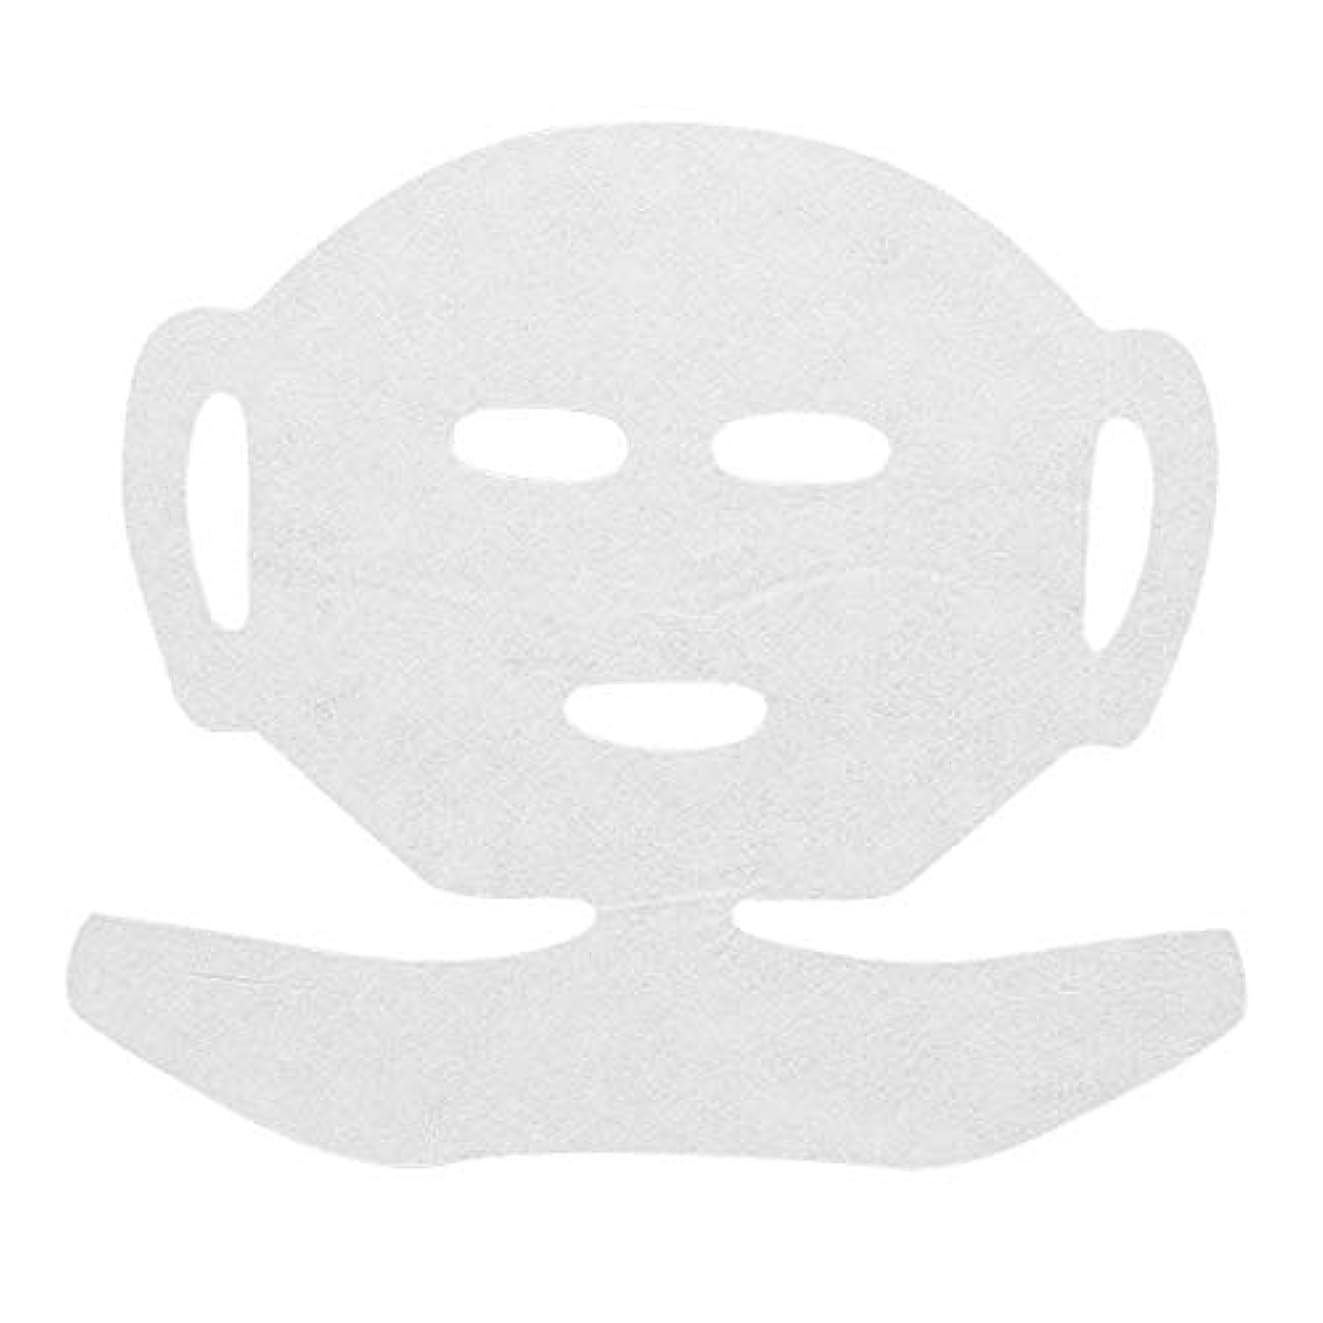 提出する踊り子八高保水 フェイシャルシート (マスクタイプネック付き 化粧水無し) 80枚 29×20cm [ フェイスマスク フェイスシート フェイスパック フェイシャルマスク シートマスク フェイシャルシート フェイシャルパック ローションマスク...